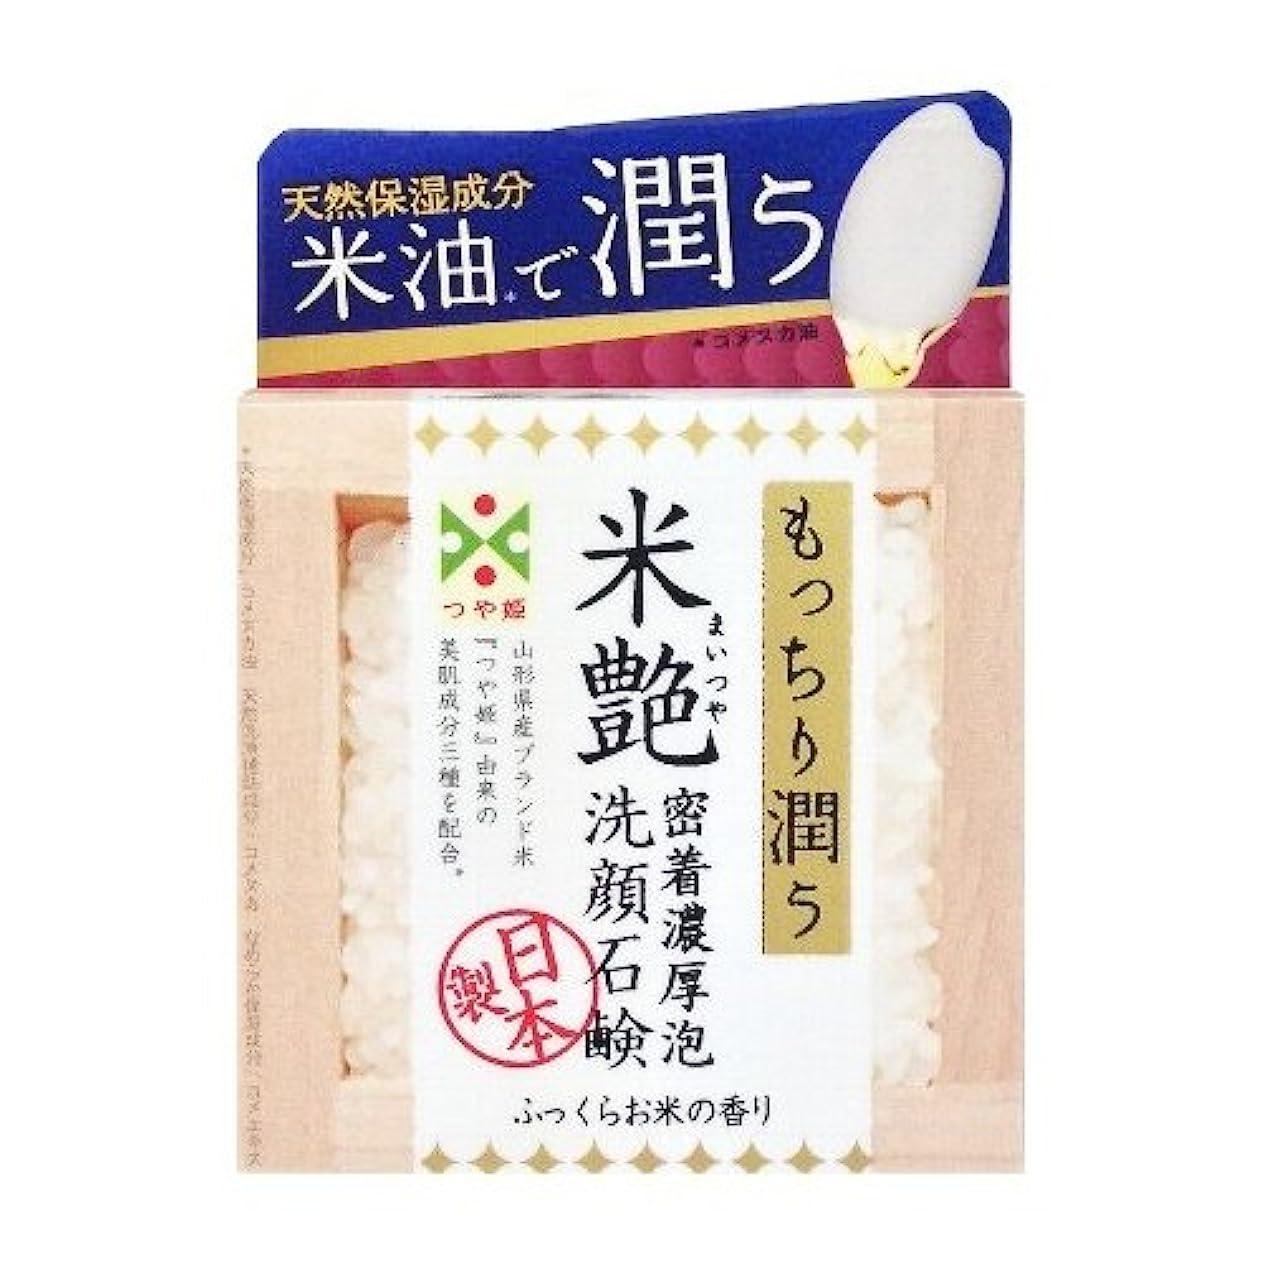 学士チョップ髄ペリカン石鹸 米艶洗顔石鹸 100g